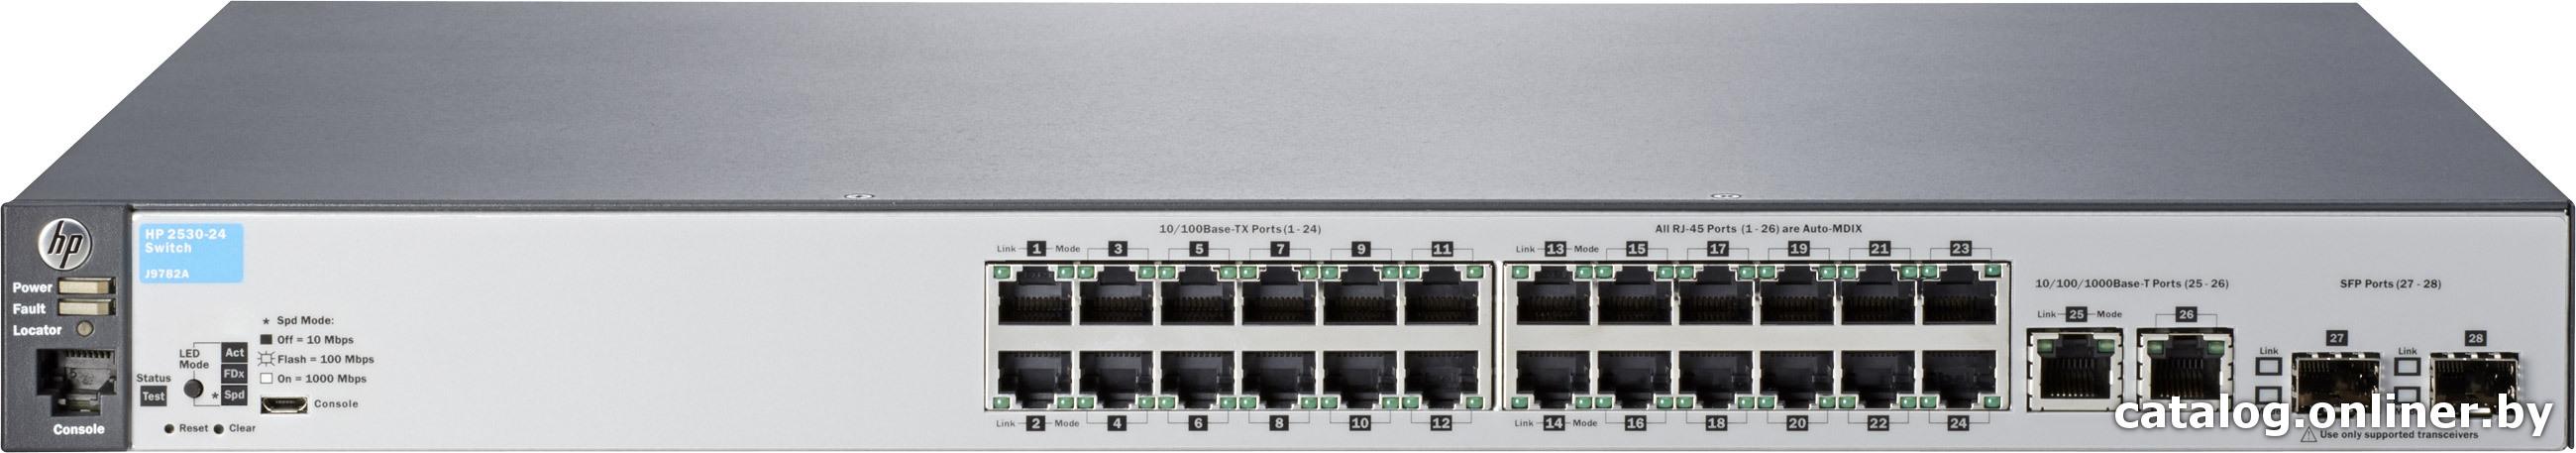 Коммутатор HP 2530-24 (J9782A) Управляемый коммутатор Layer 2 с 24 портами 10/100, 2 портами 10/100/1000 и 2 разъемами GbE SFP 886112459734